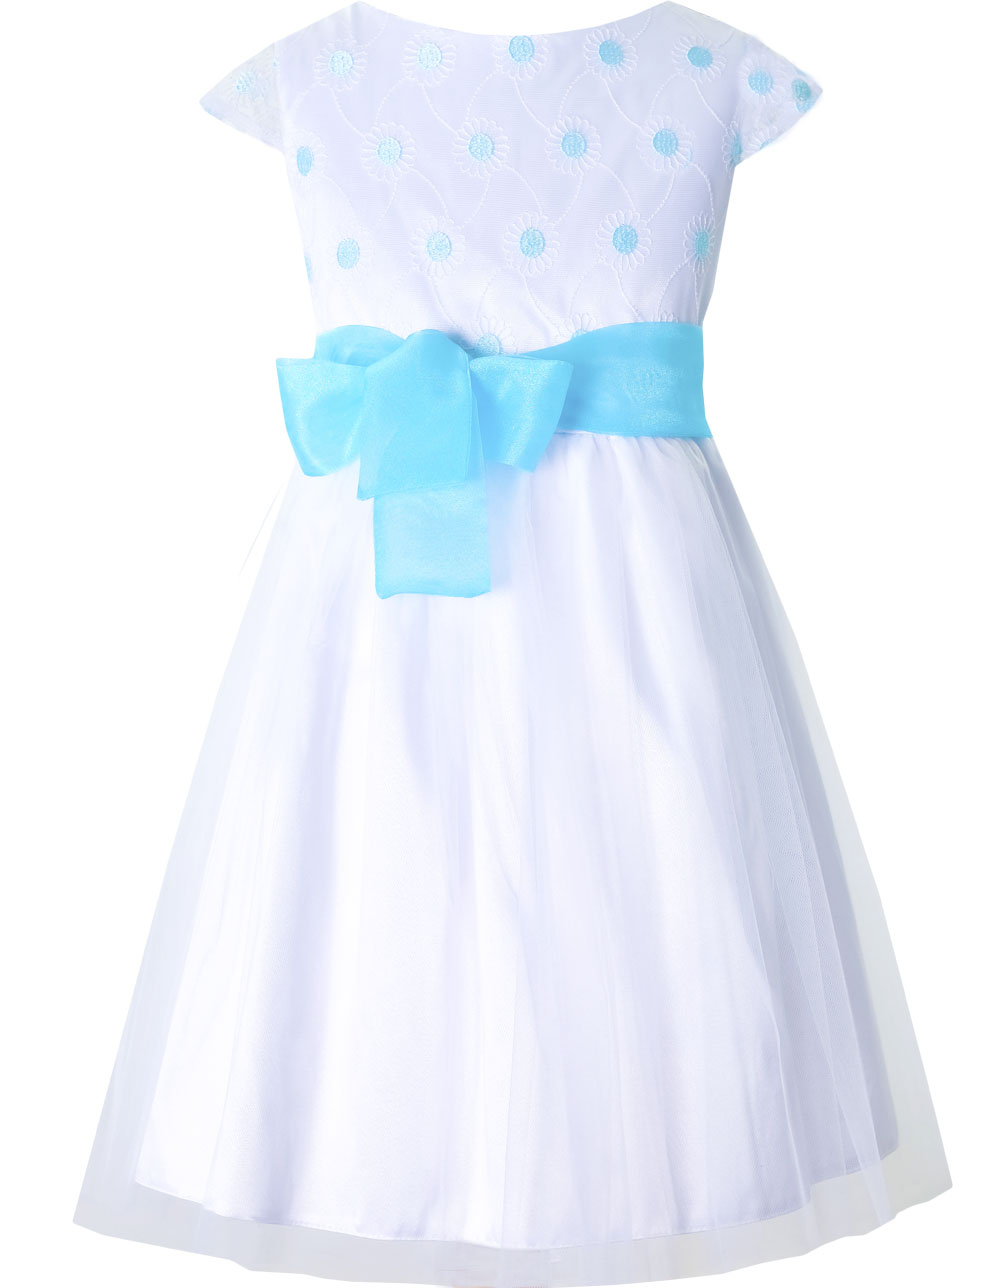 aba7157c57c828 wzor 31 sukienka dla dziewczynki na wesele , pokomunijna , wizytowa tiulowa  biała